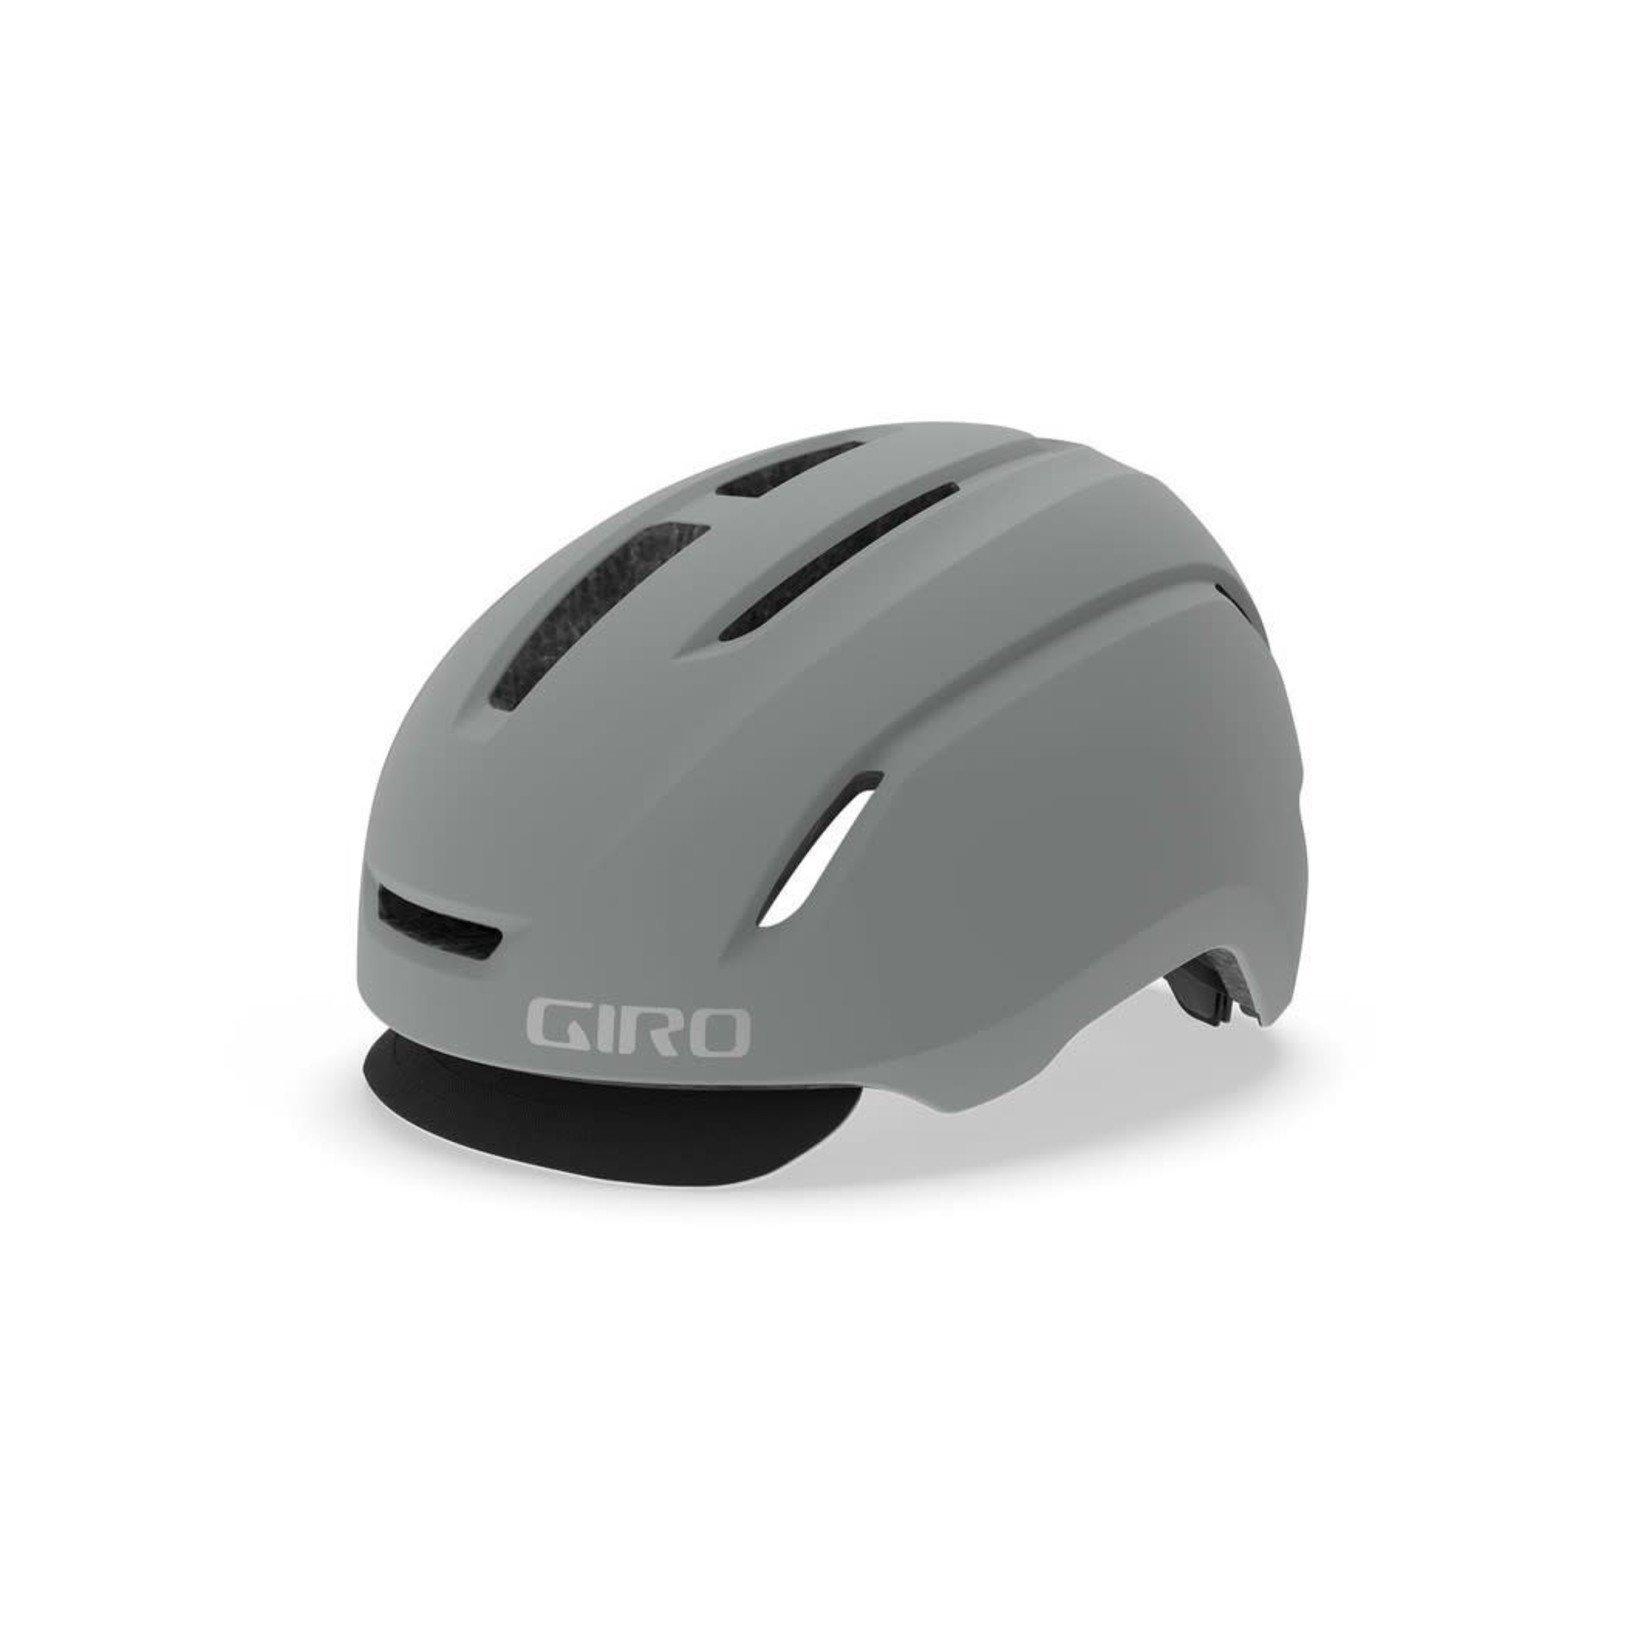 Giro Giro - Caden mat port grey